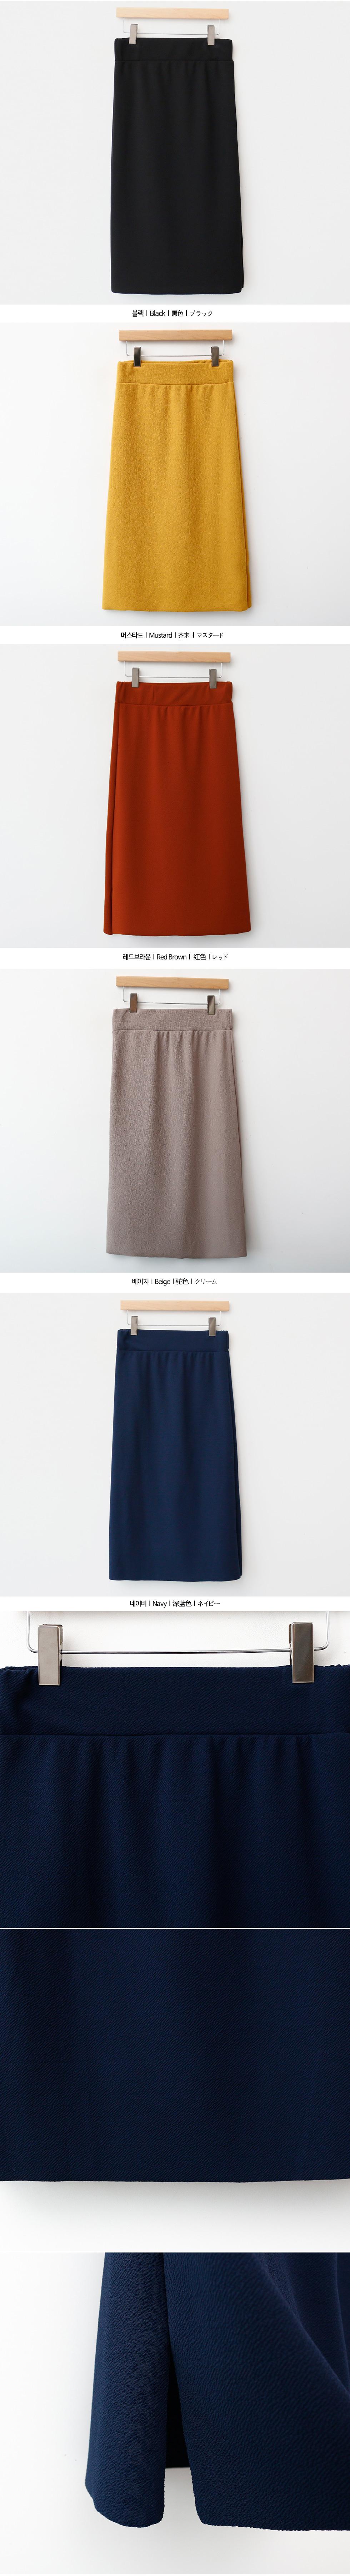 Deli Pose Skirt